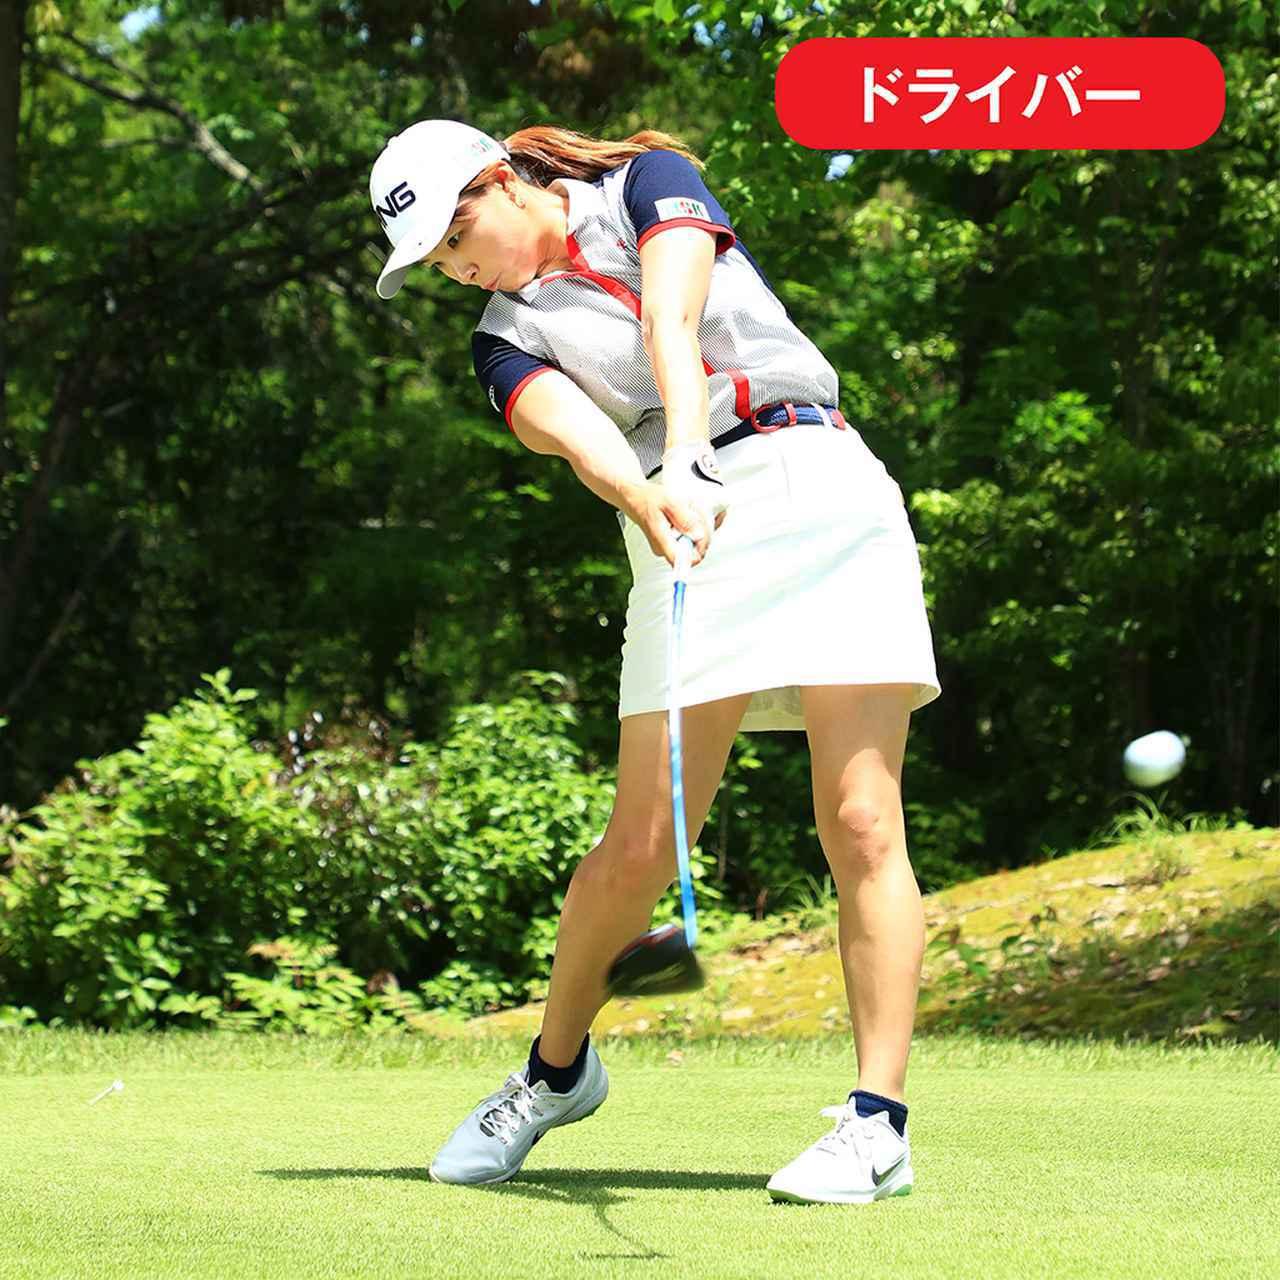 画像13: 【アプローチ】しぶこの10㍎練習法①。青木翔コーチ流、飛んで曲がらないショット力が手に入る!